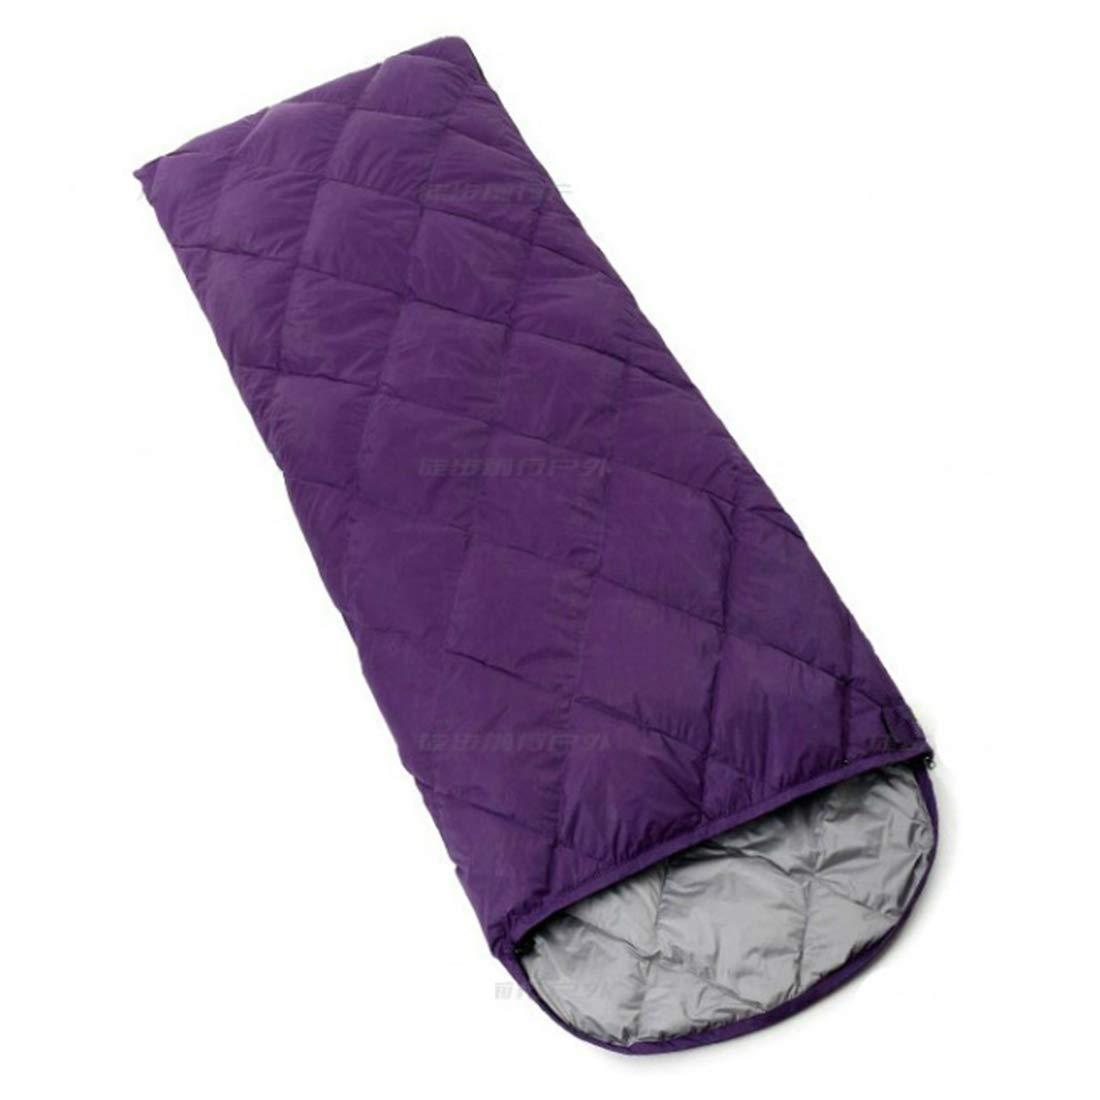 Jhcpca 封筒型 軽量 持ちやすい ポータブル 大人用寝袋 夏、春、秋に対応 (Color : レッド, サイズ : 700g) B07KT6TRMQ Purple 600g 600g Purple